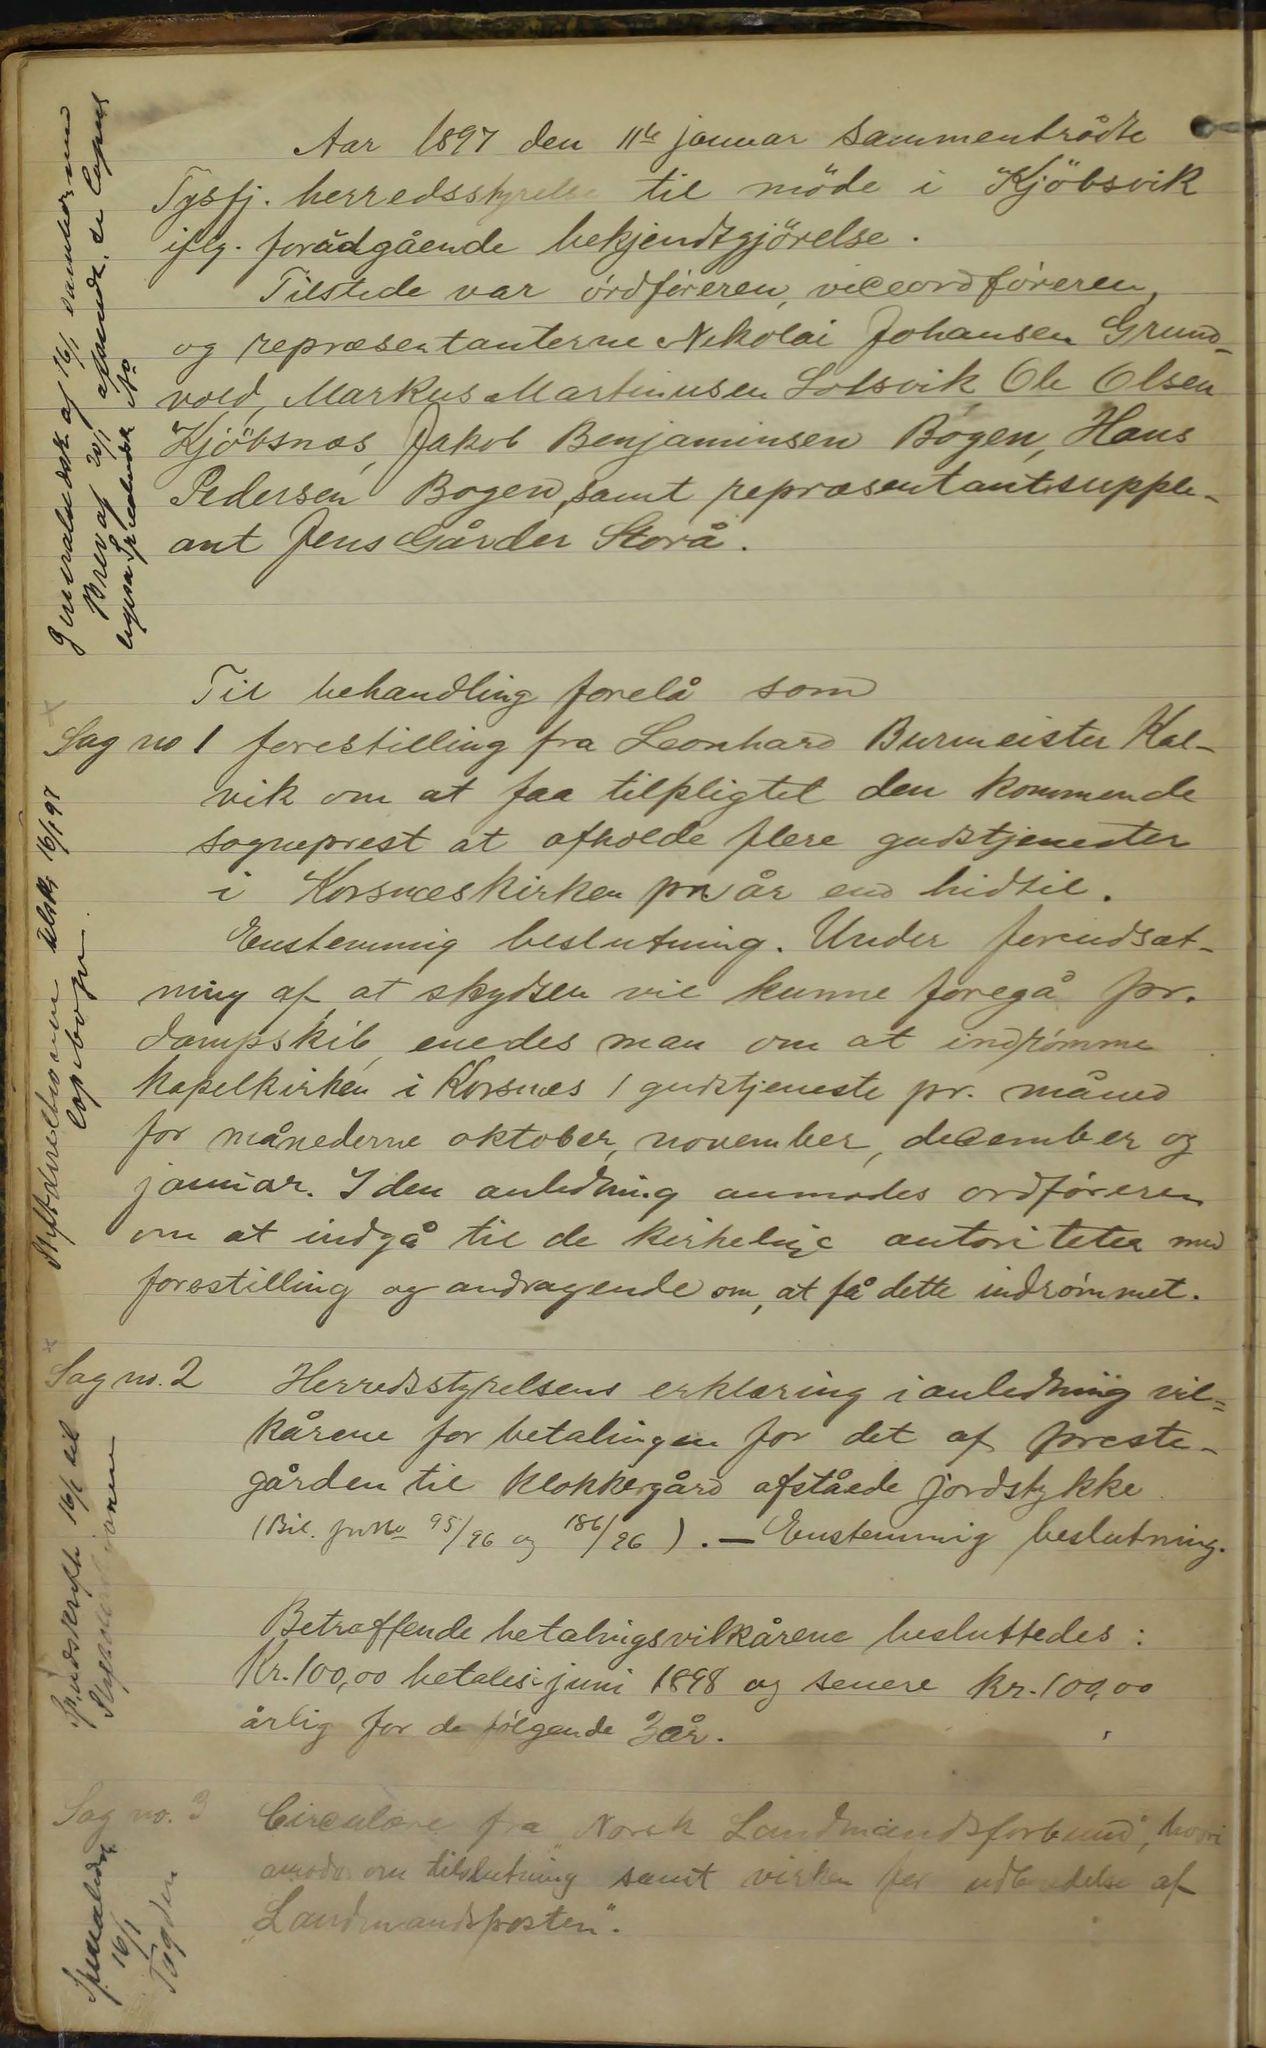 AIN, Tysfjord kommune. Formannskapet, 100/L0002: Forhandlingsprotokoll for Tysfjordens formandskap, 1895-1912, s. 19b